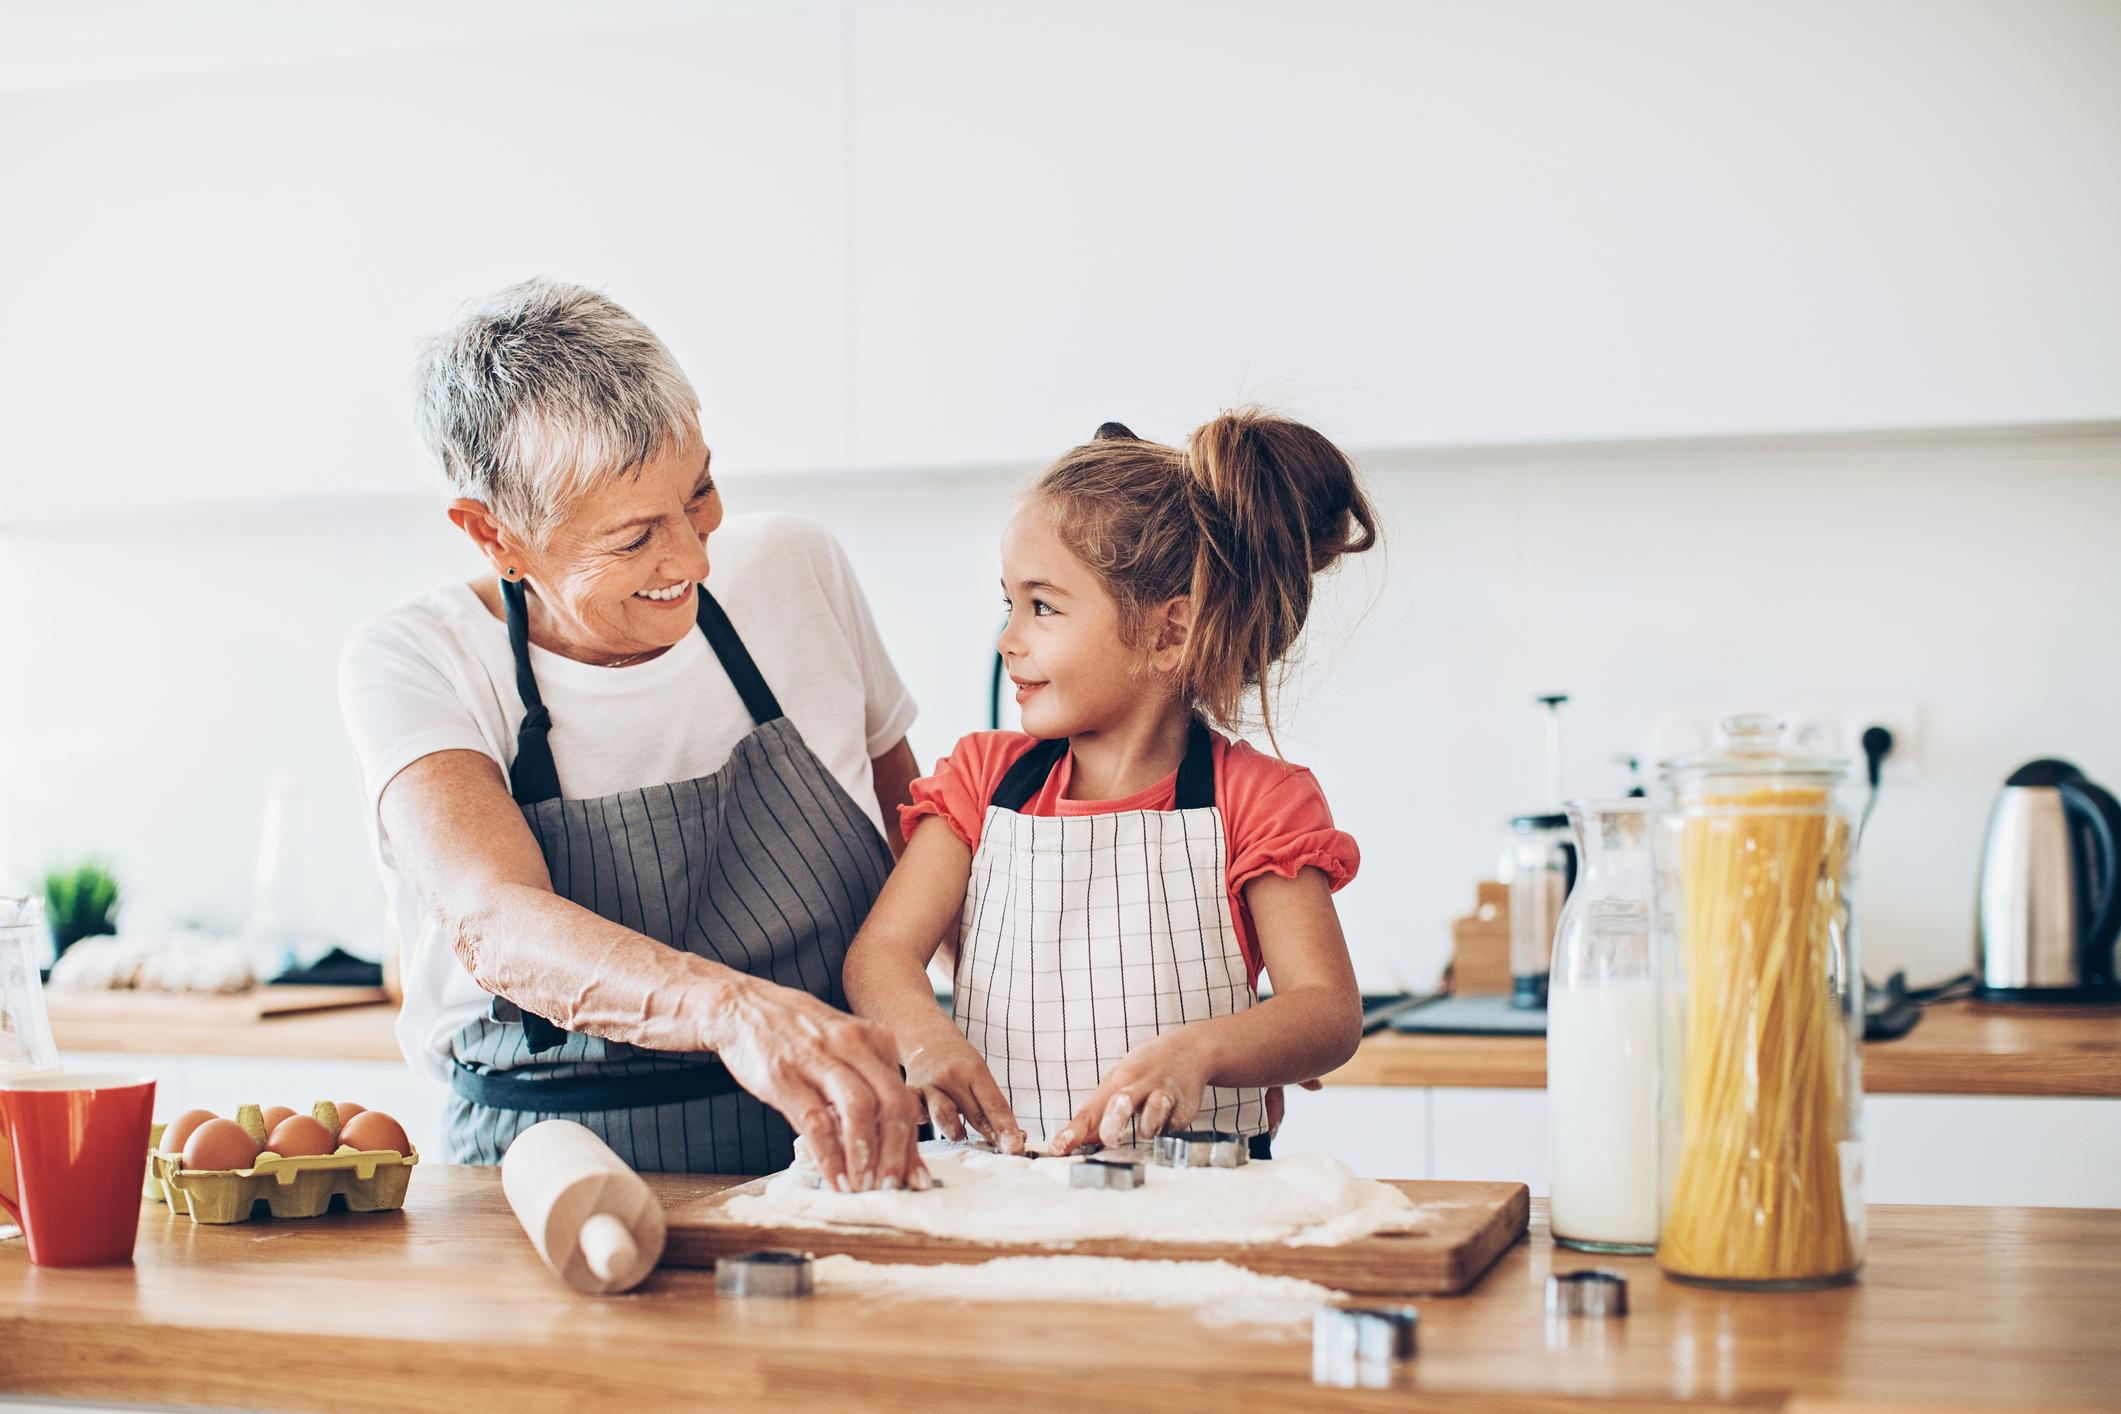 Отнасяйте се с времето в кухнята като със съставка към ястието: Най-добрия съвет, който Лаура е получила от своята баба, е да разпознава времето и да се отнася със същата почит към него, както и с всички съставки, които включва, когато приготвя храната си.